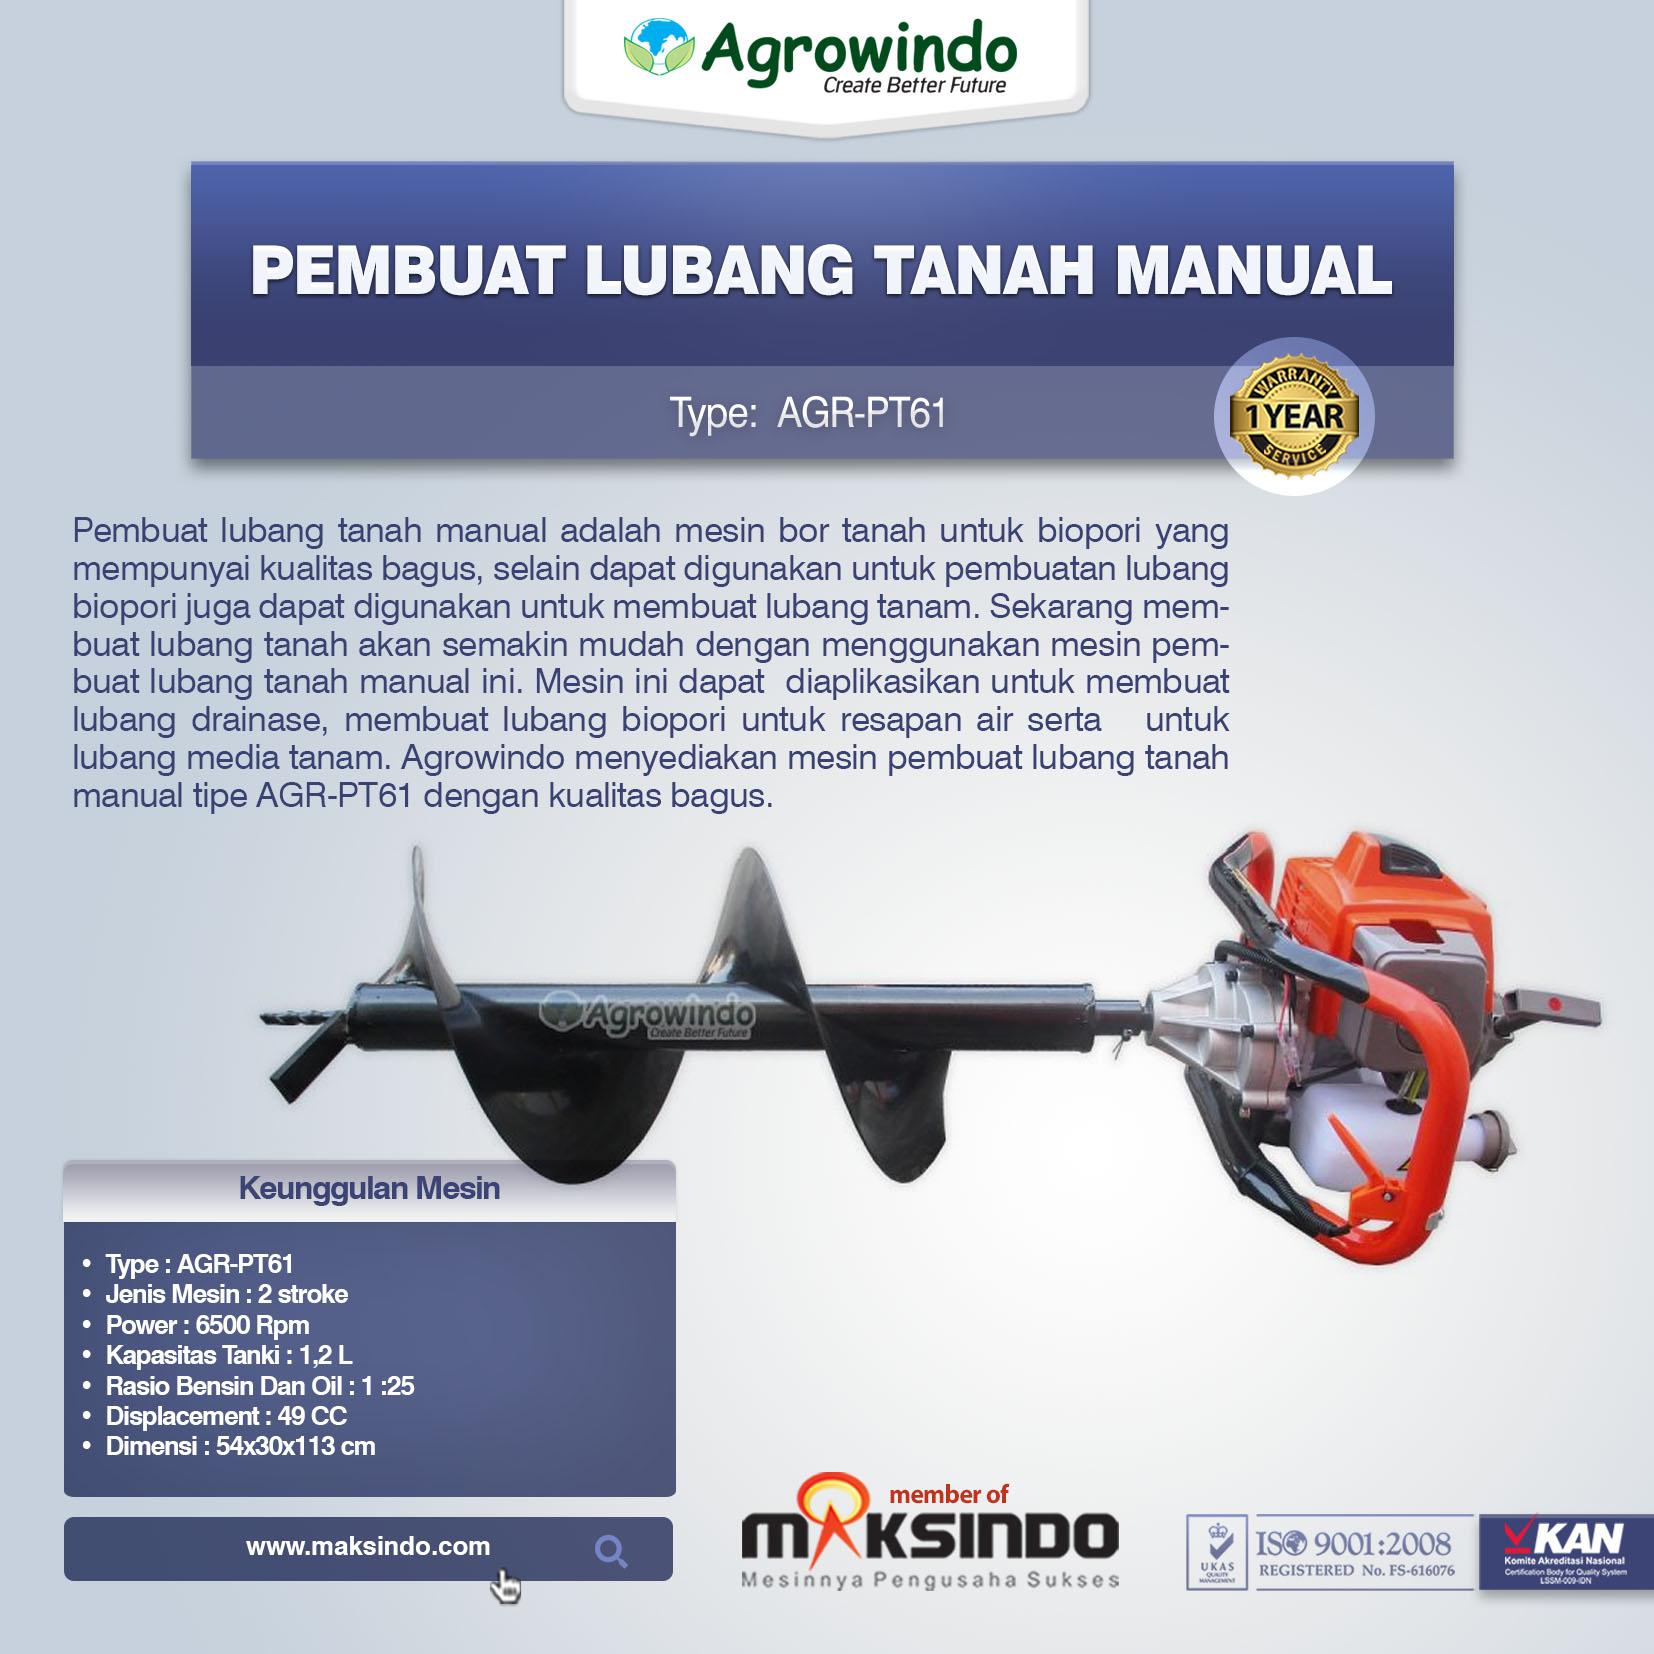 Pembuat Lubang Tanah Manual AGR-PT61